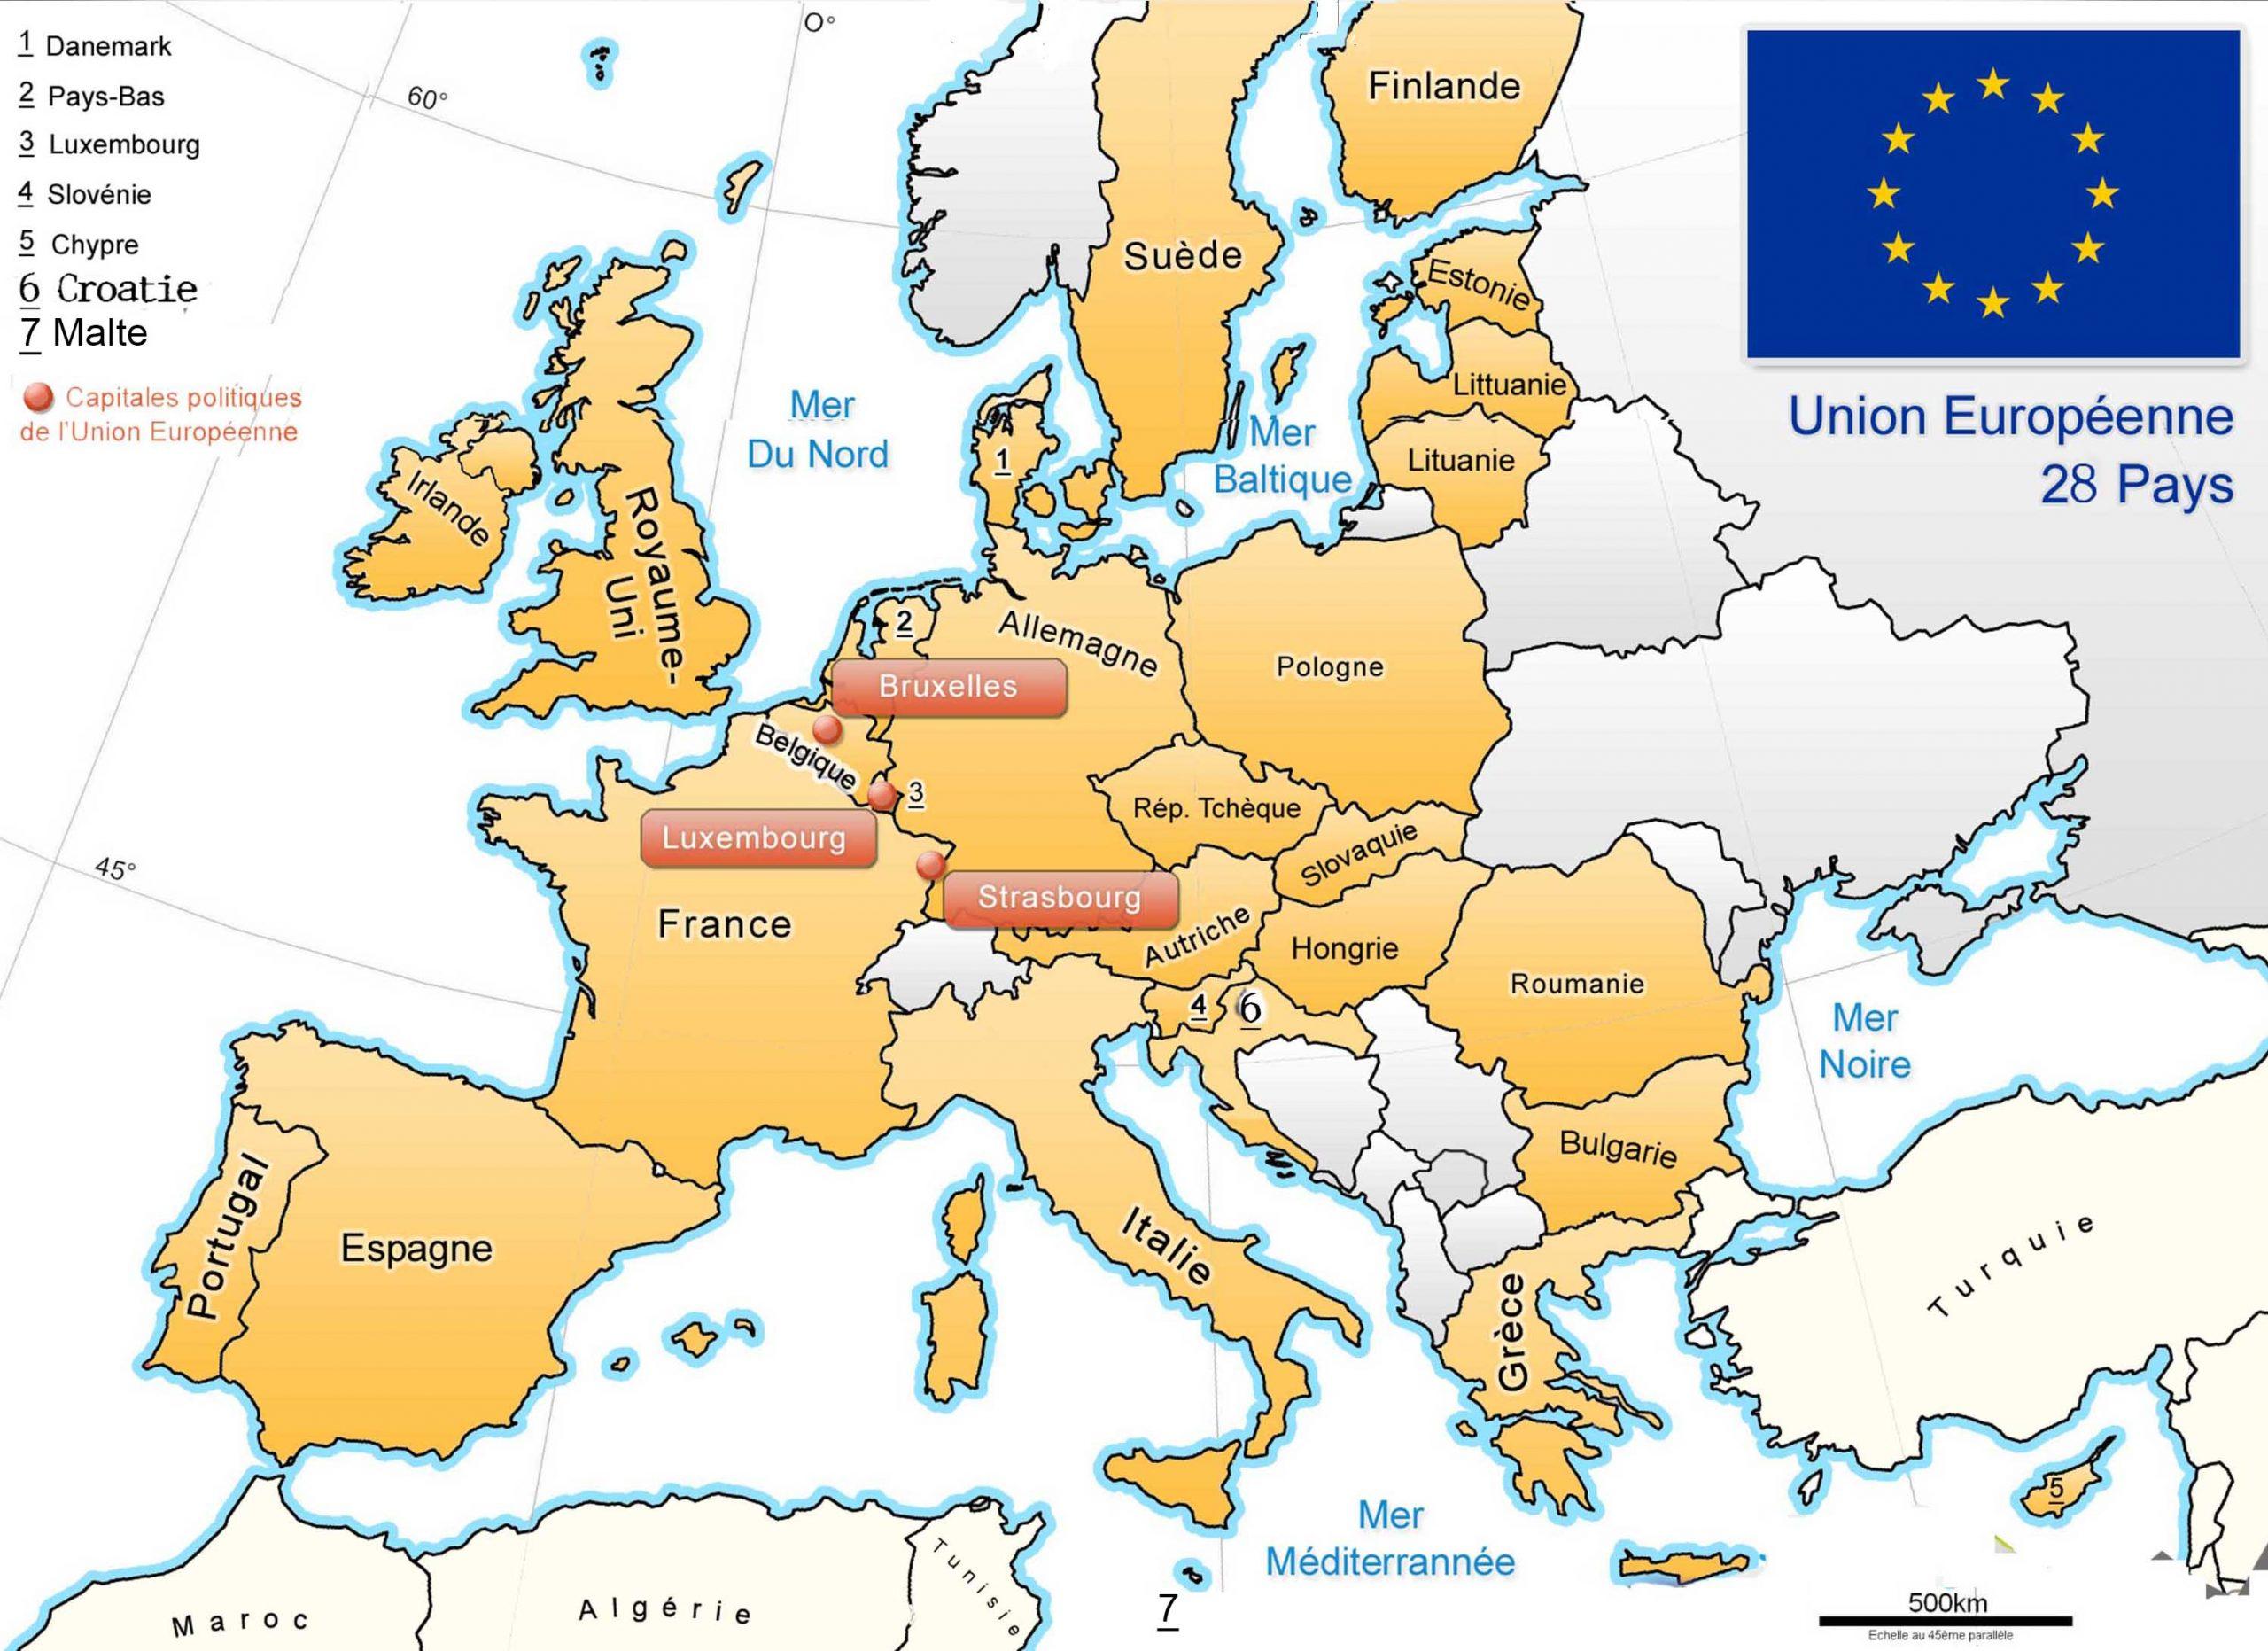 Apprendre À Placer Les Pays De L' Union Européenne - Le Blog pour Carte Des Capitales De L Europe